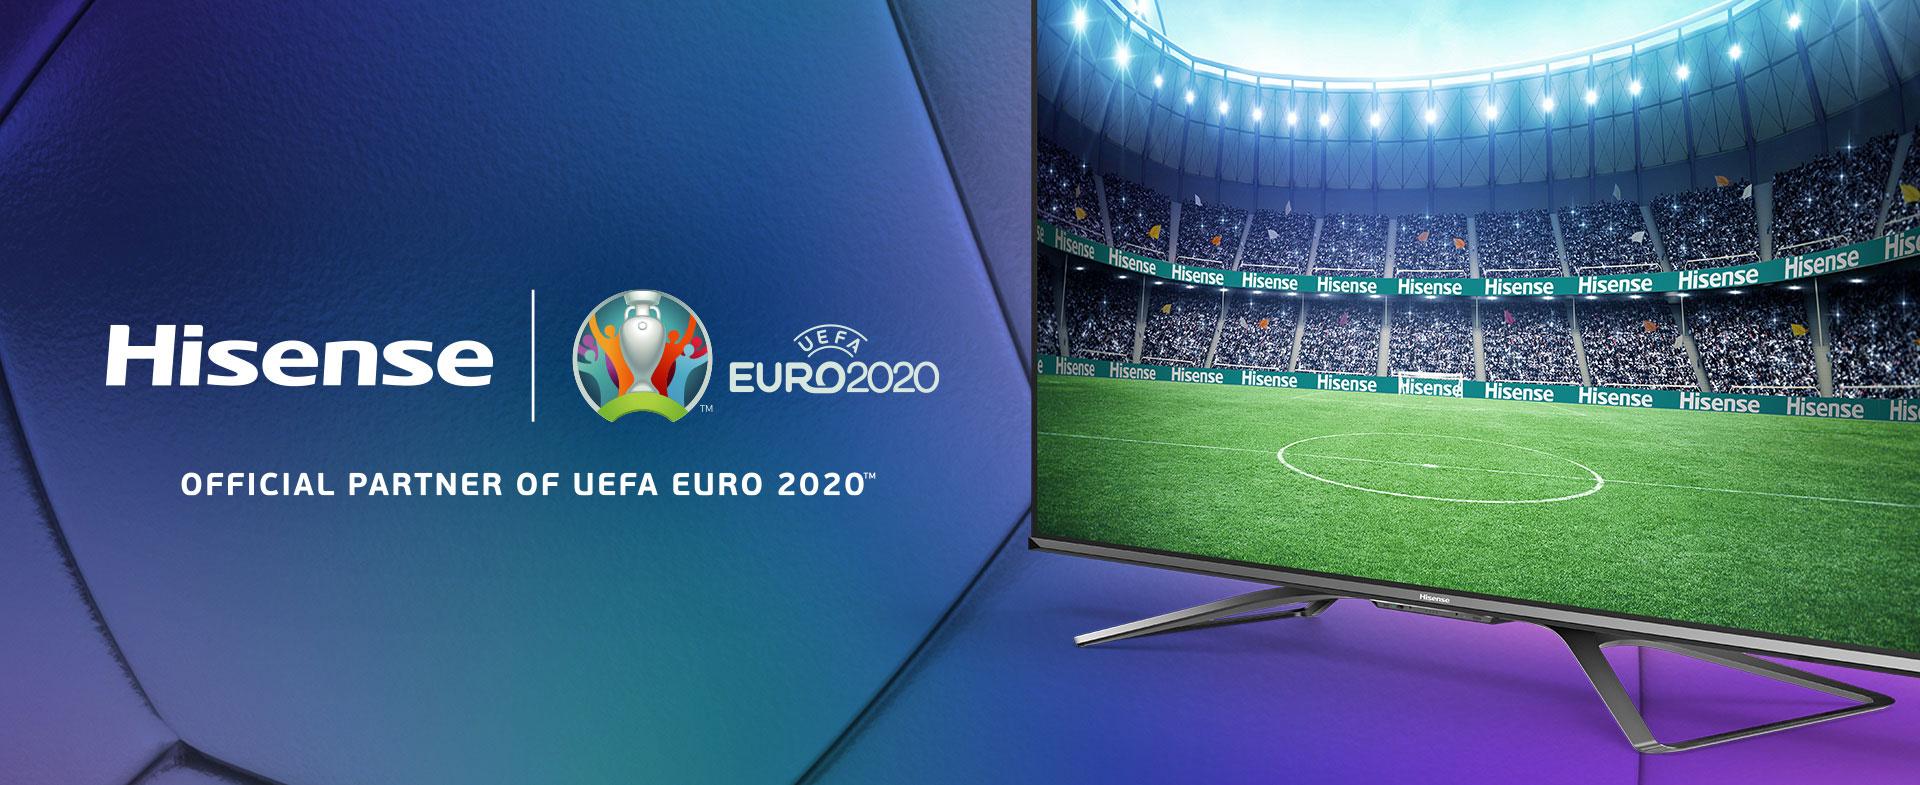 Hisense Official Partner of UEFA EURO 2020